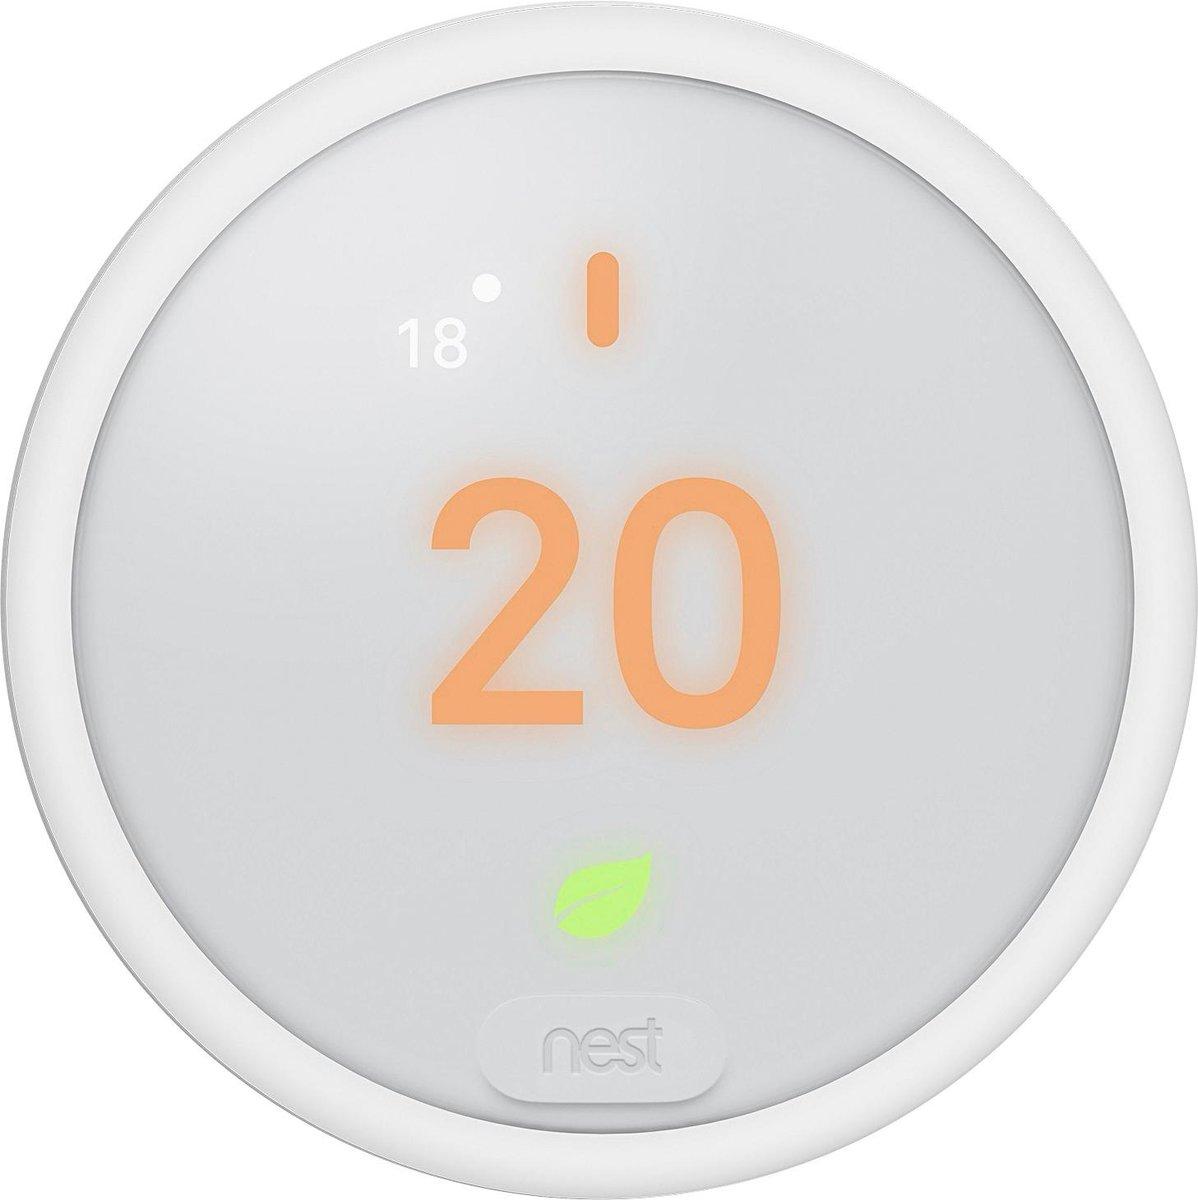 Appare in rete l'immagine di un nuovo termostato Nest: soluzione più economica rispetto al passato?